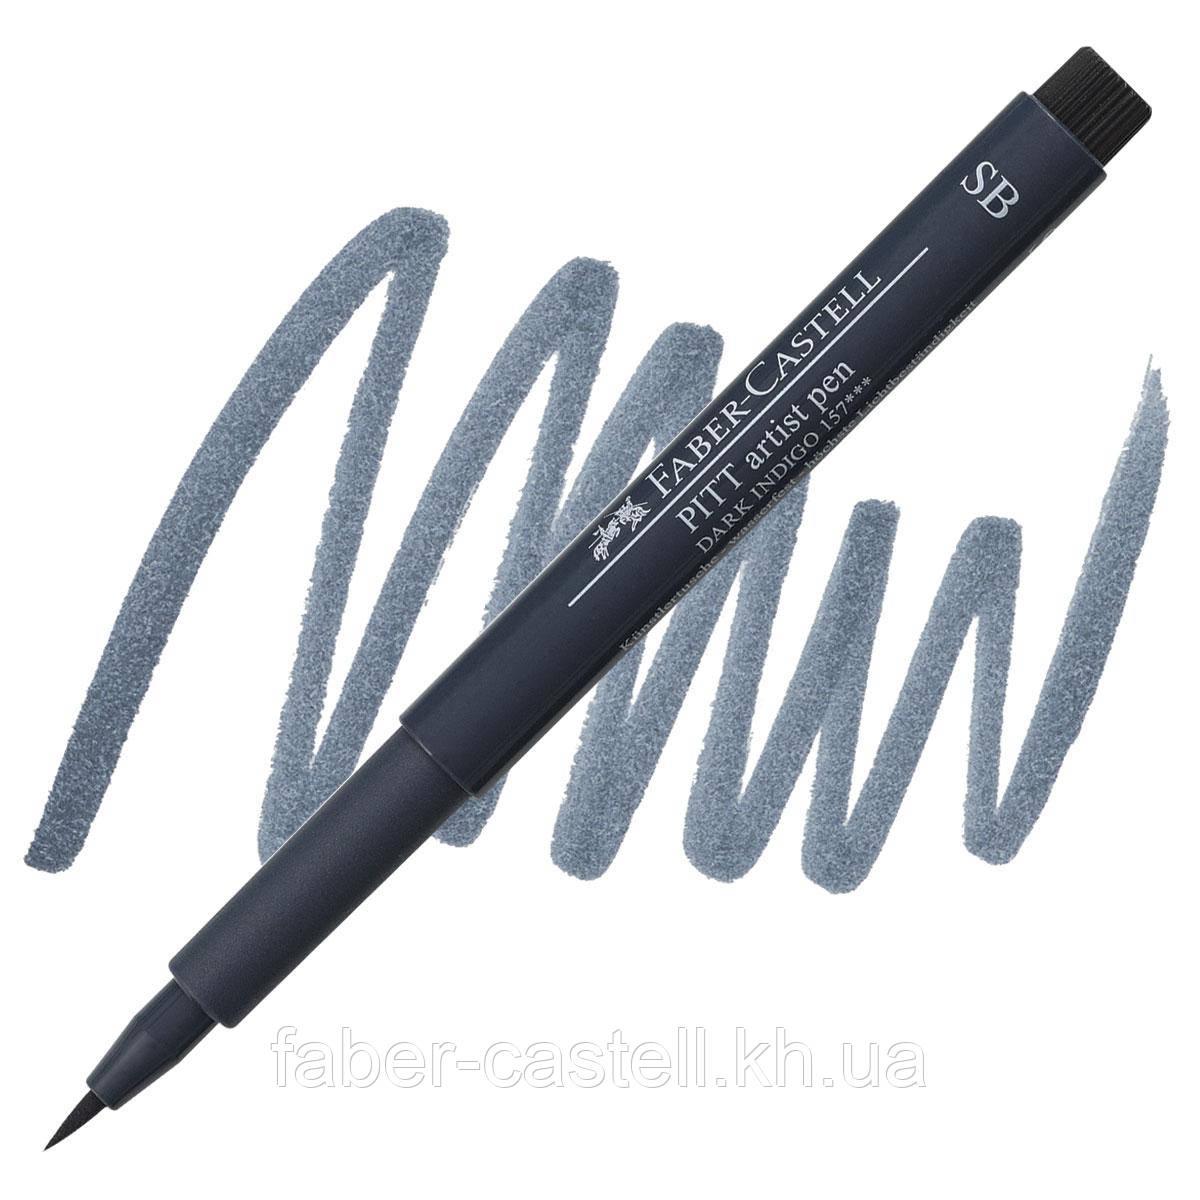 """Ручка-кисточка капиллярная Faber - Castell PITT® ARTIST PEN """"SOFT BRUSH"""" № 157 темный индиго , 167857"""